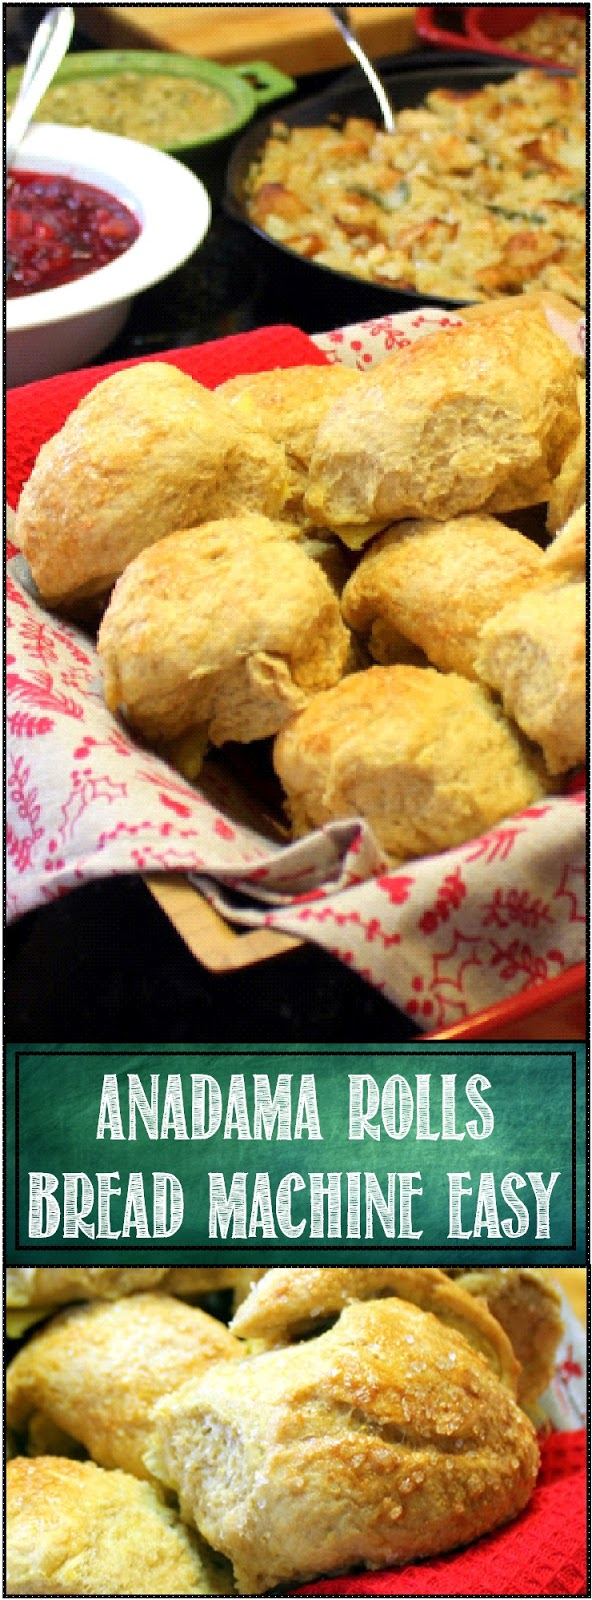 52 Ways to Cook: Anadama Rolls Bread Machine EASY - 52 ...